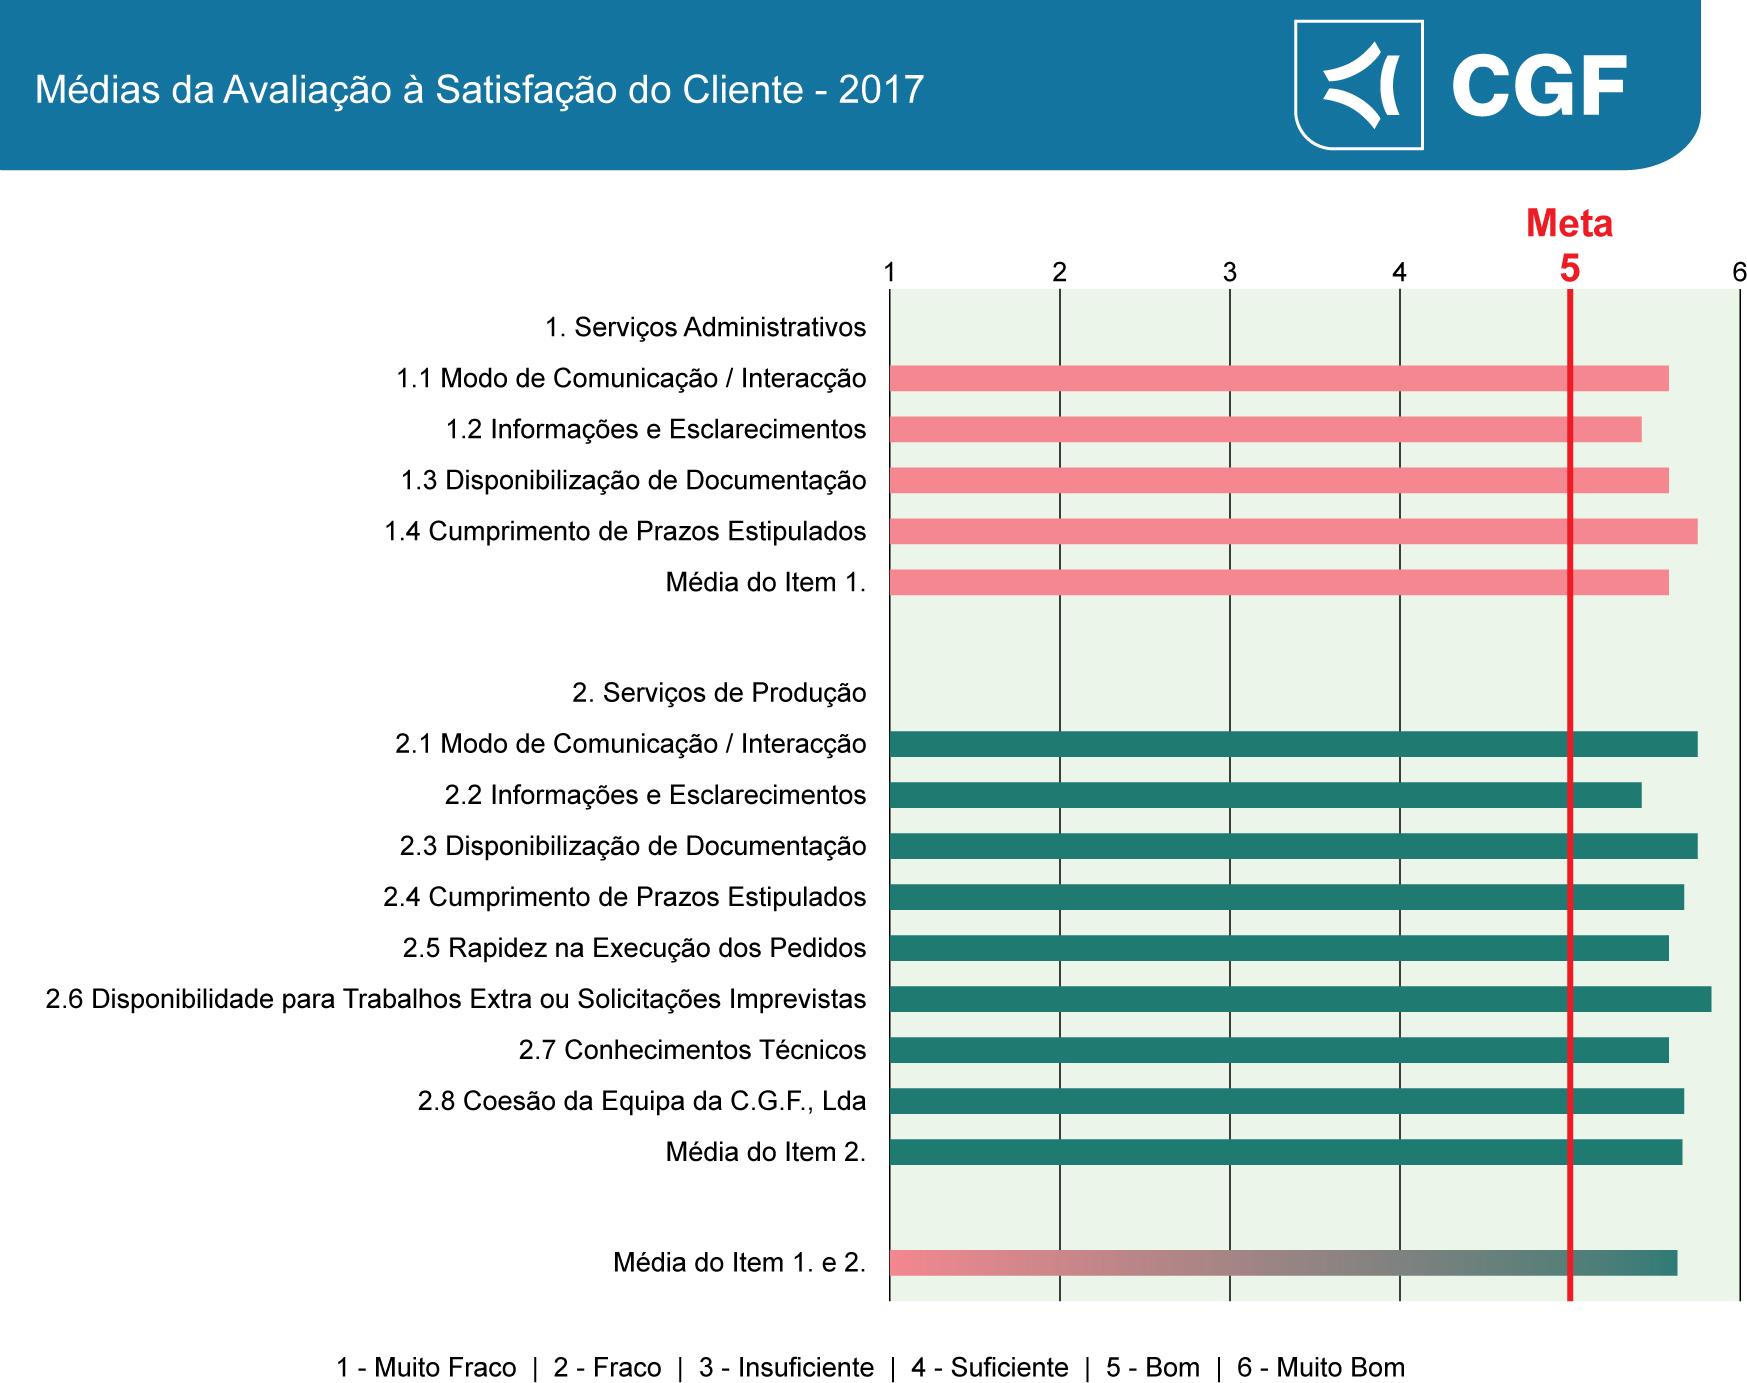 Listagem Avaliação Satisfação Cliente 2017